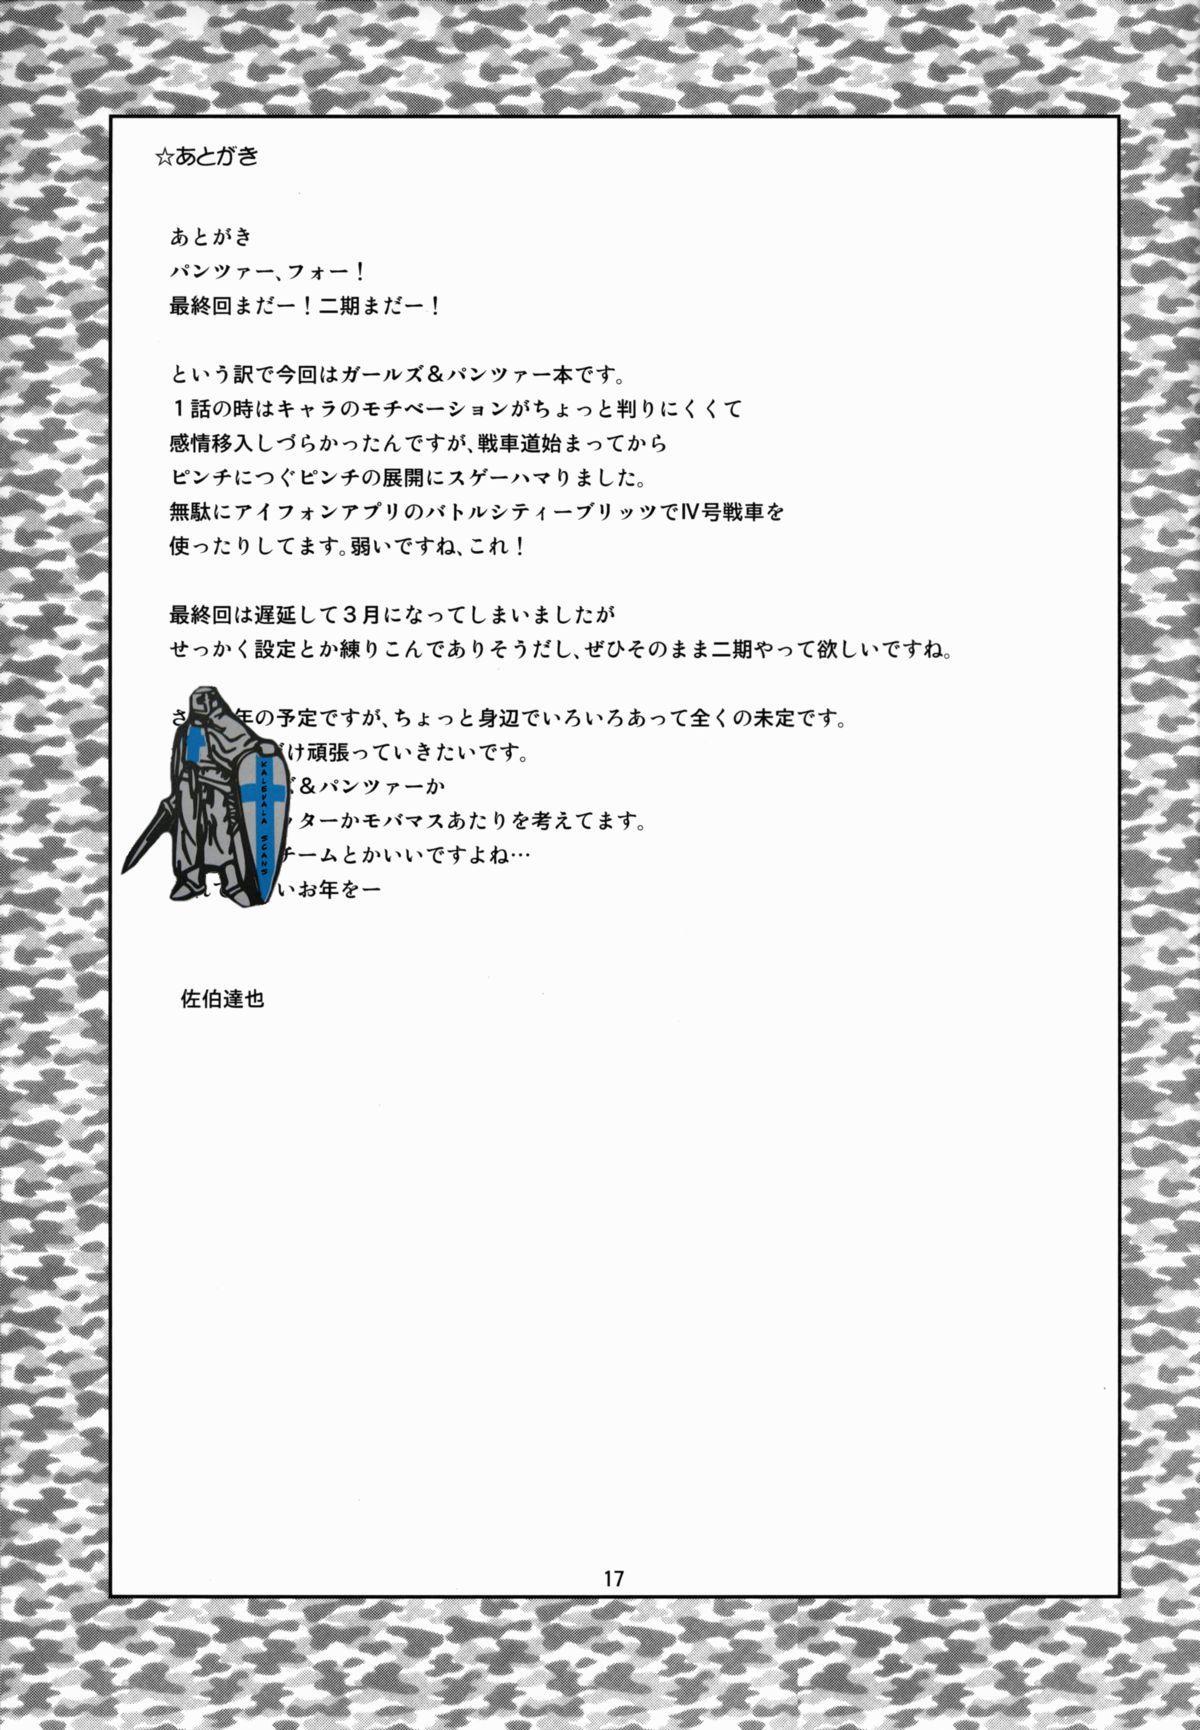 AV Shutsuen, Ganbarimasu! Danshi no Ue demo Choushinchisenkaishichatta 16